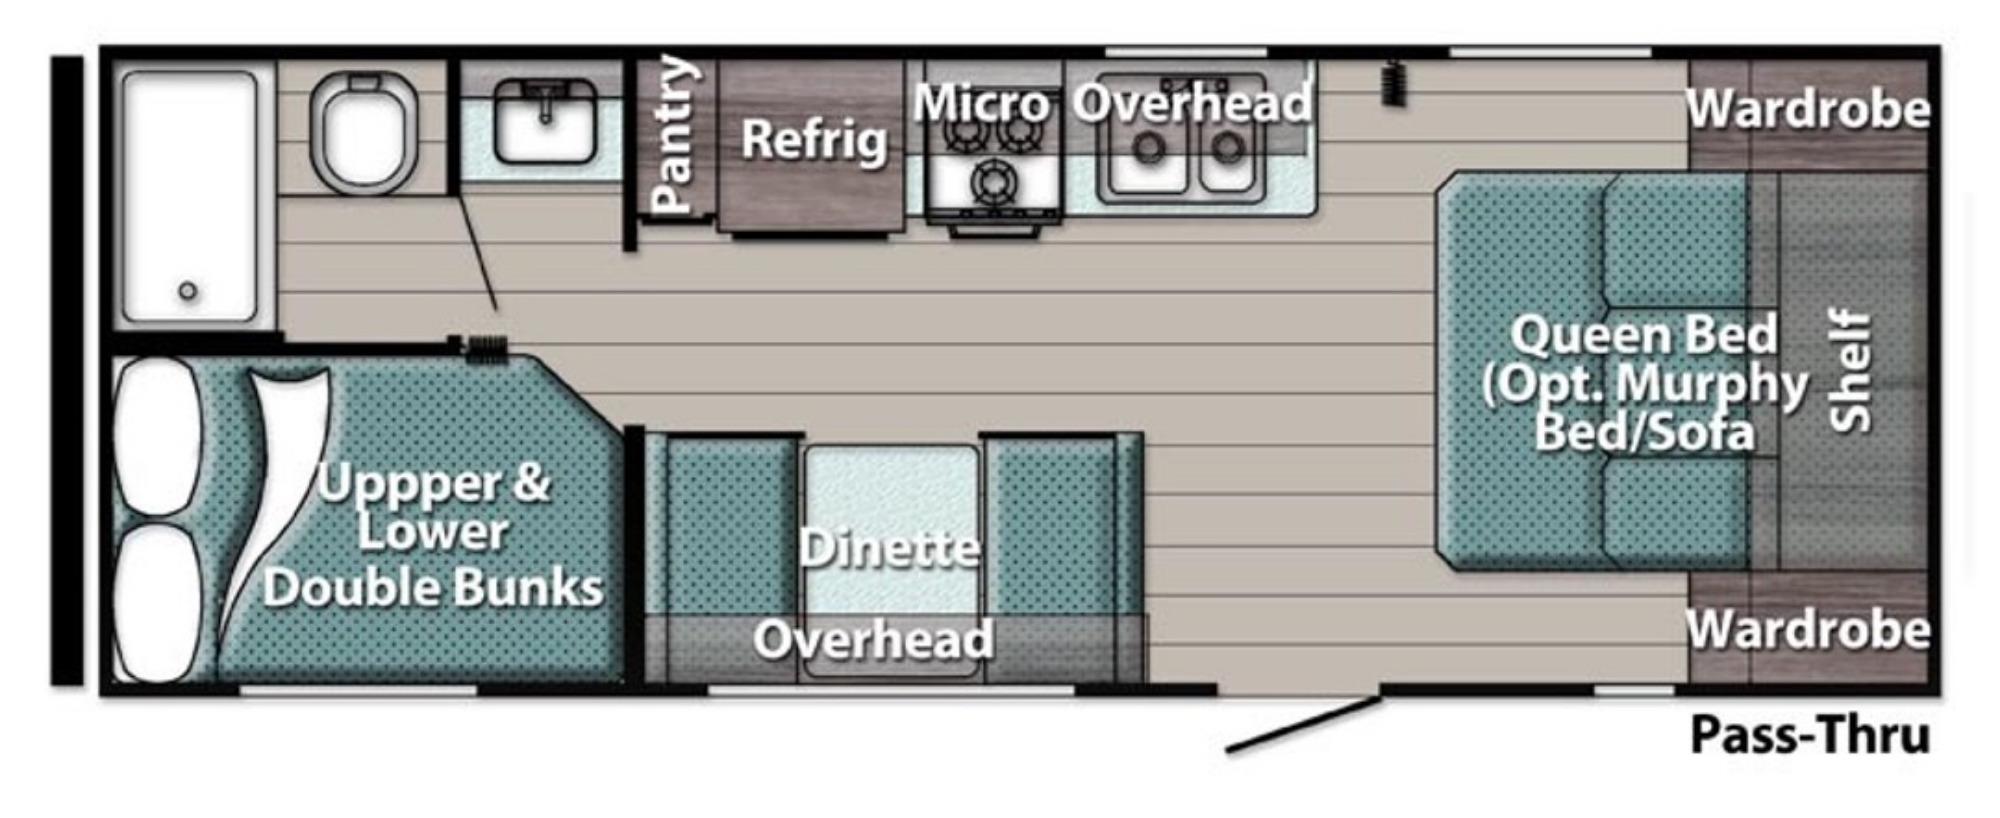 View Floor Plan for 2022 GULF STREAM ENLIGHTEN 25BH